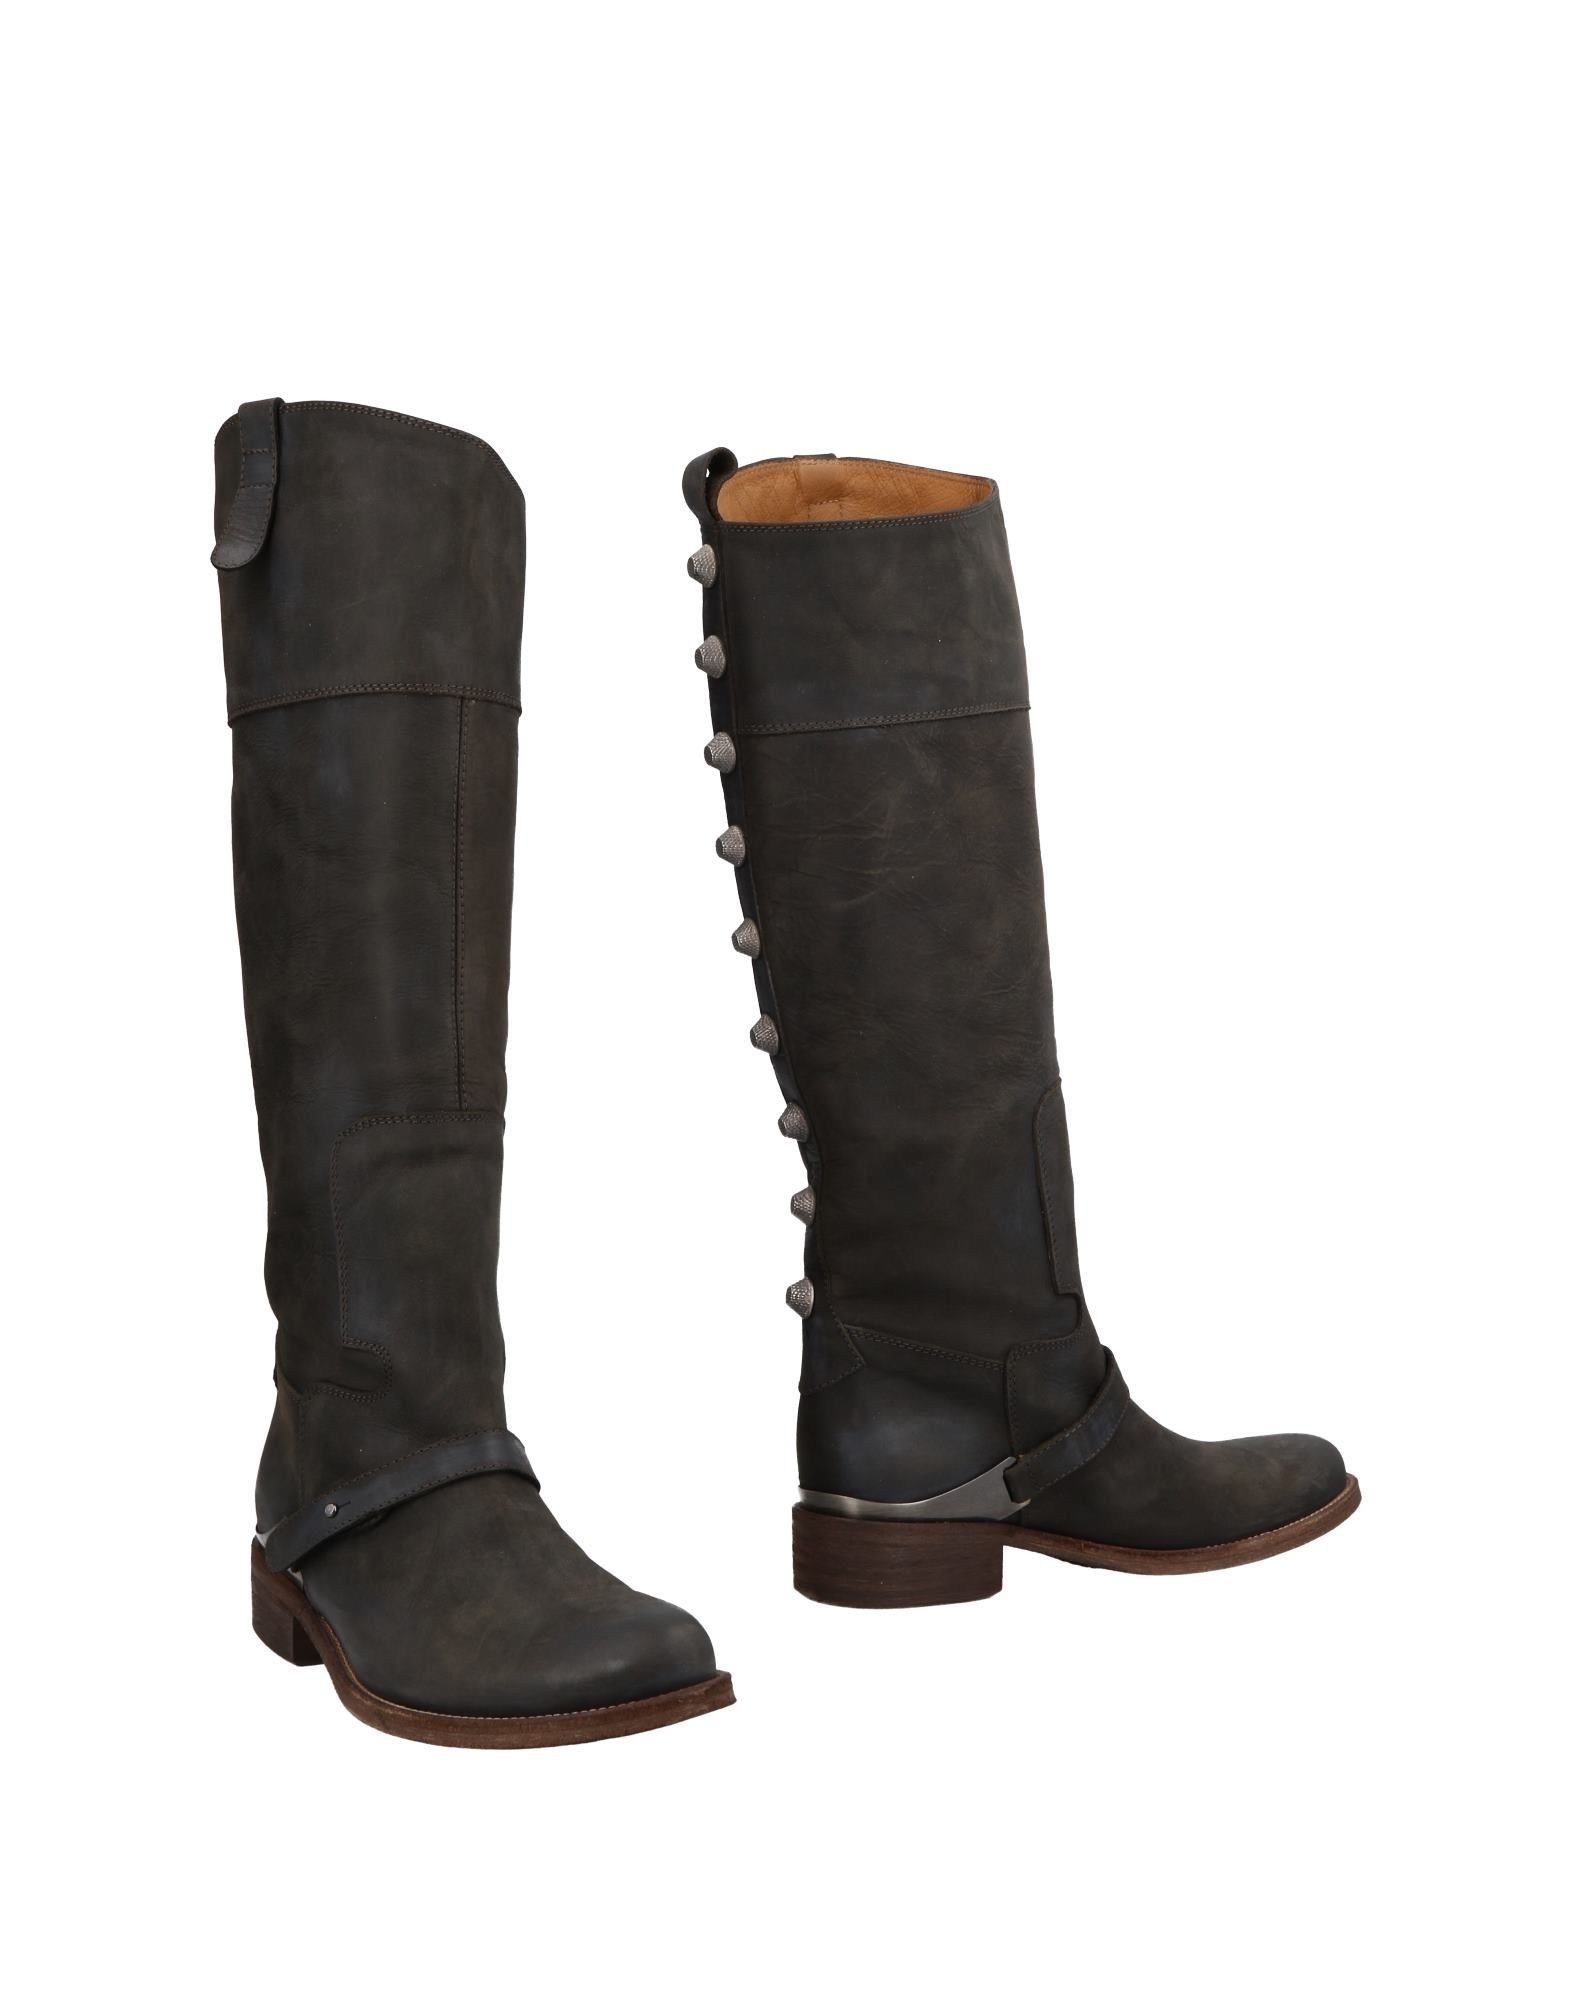 My Heels Stiefel Damen  11491615ANGut aussehende strapazierfähige Schuhe